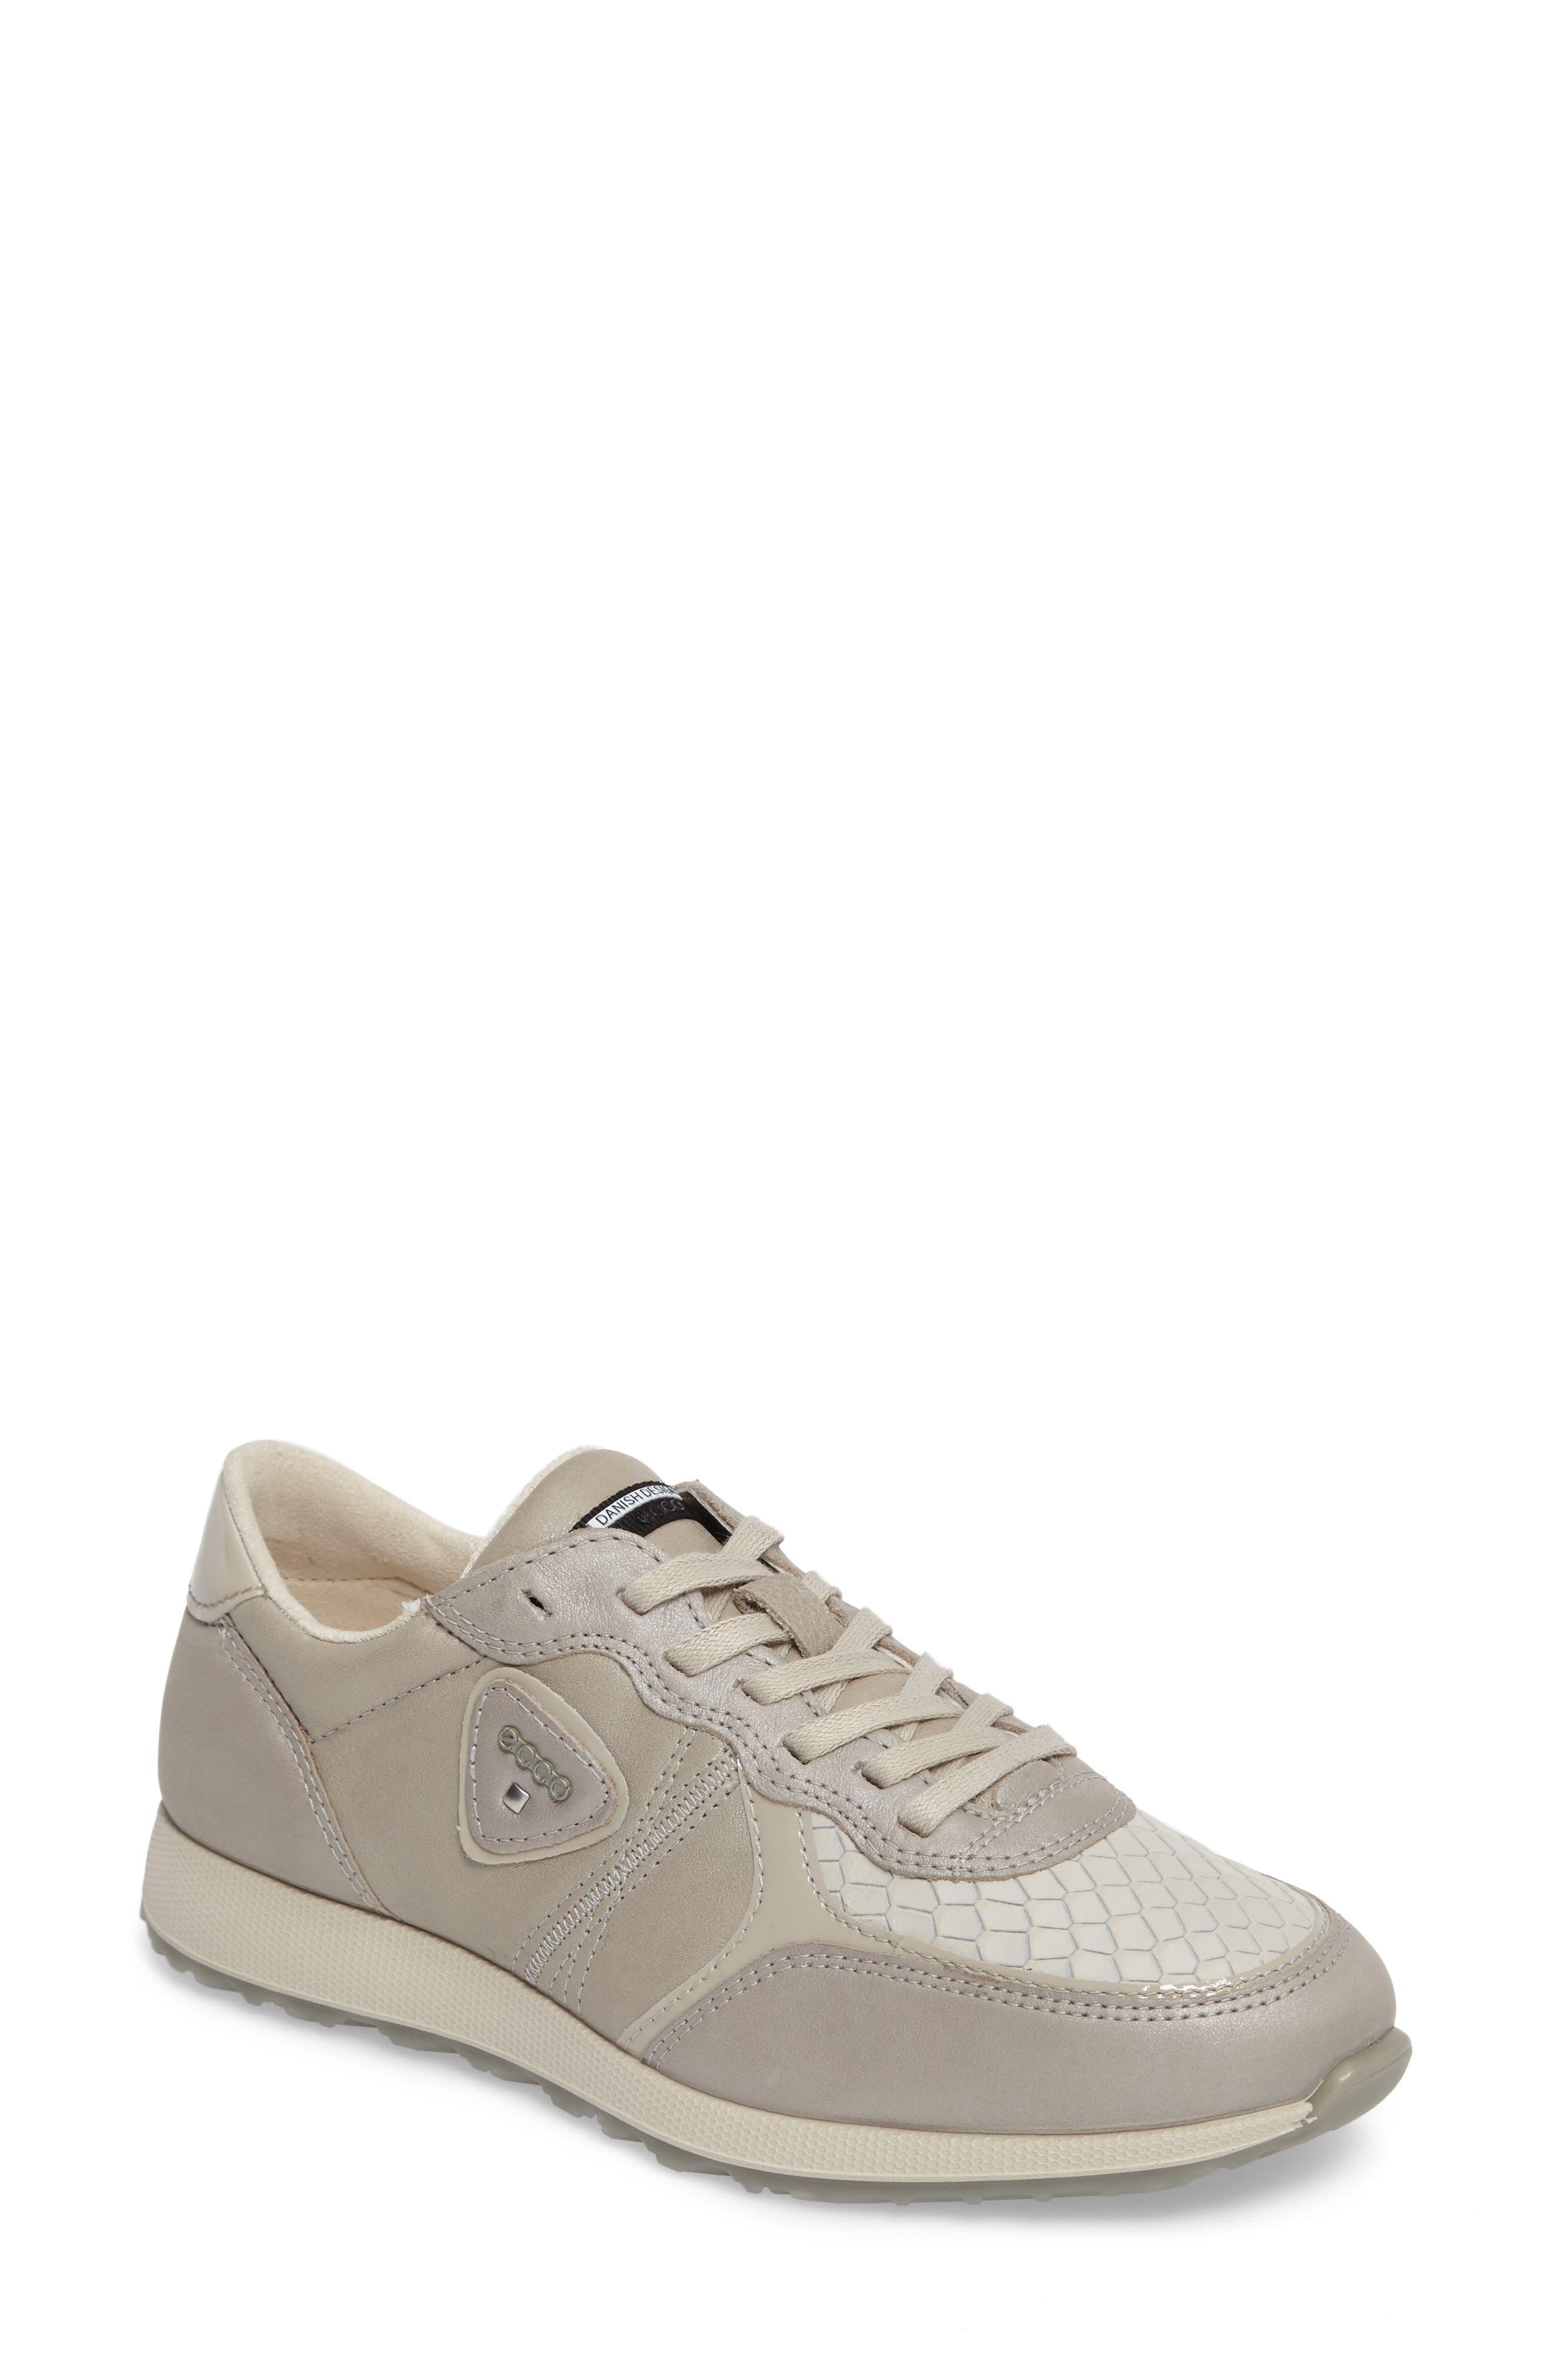 Retro Sneaker,                         Main,                         color, GRAVEL/ WHITE LEATHER